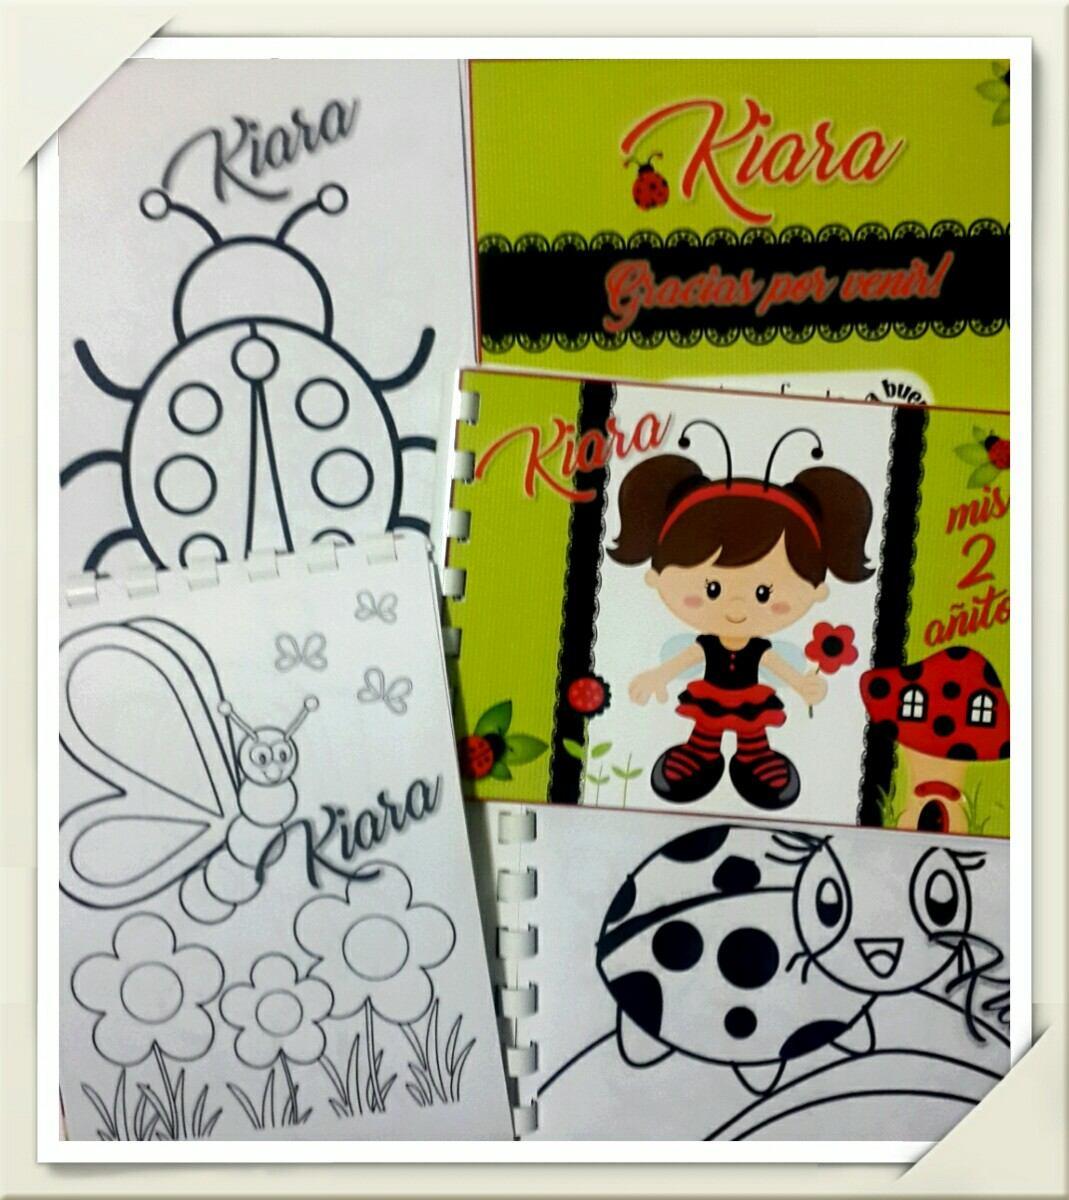 Libros Para Colorear Personalizados Regalos Souvenirs Cumple - $ 17 ...